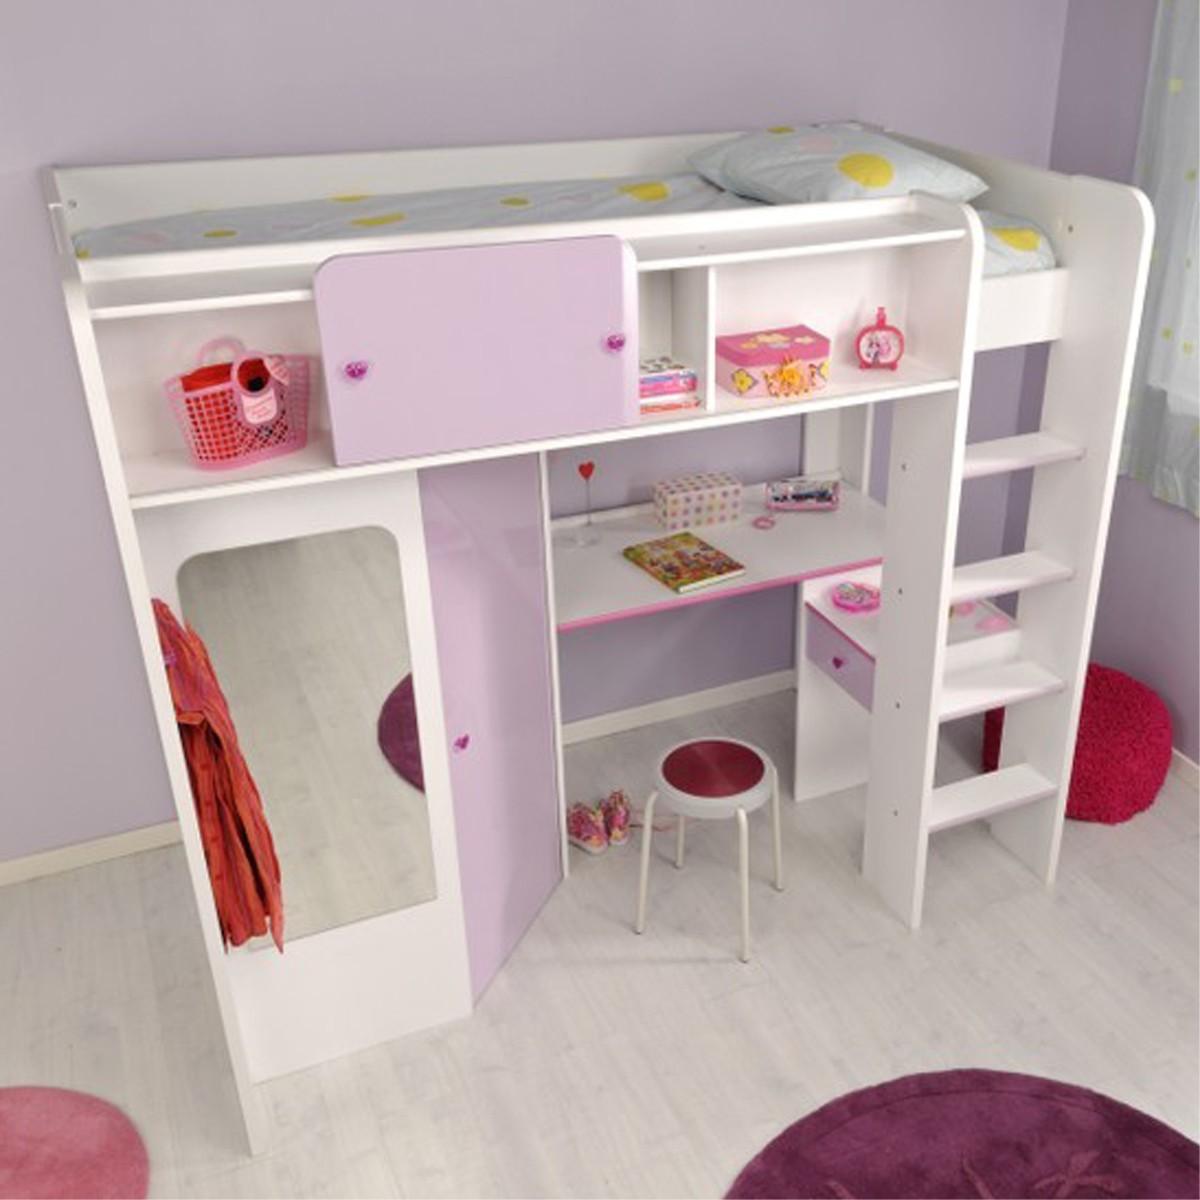 hochbett mit kleiderschrank schreibtisch regal spiegel. Black Bedroom Furniture Sets. Home Design Ideas